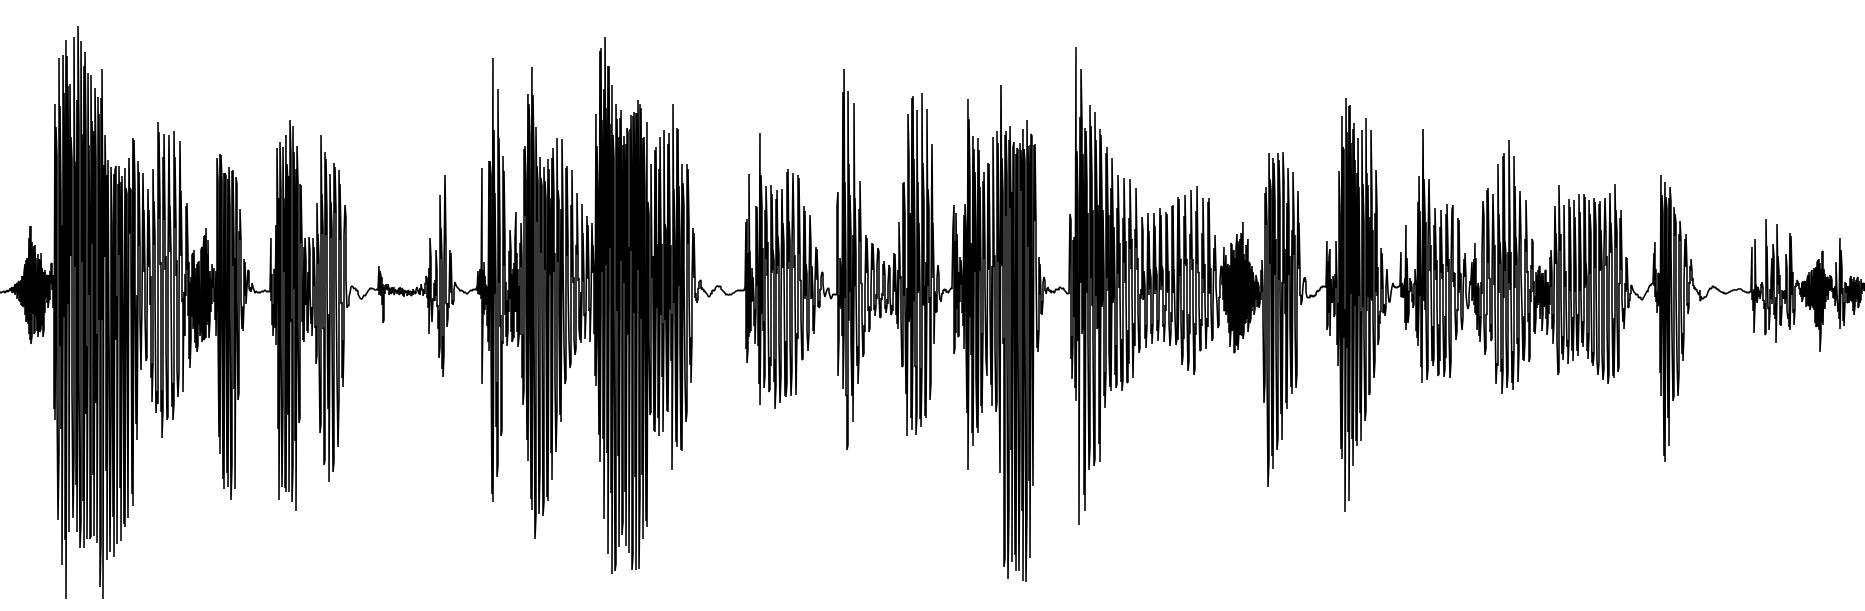 kuva äänen aaltomuodosta